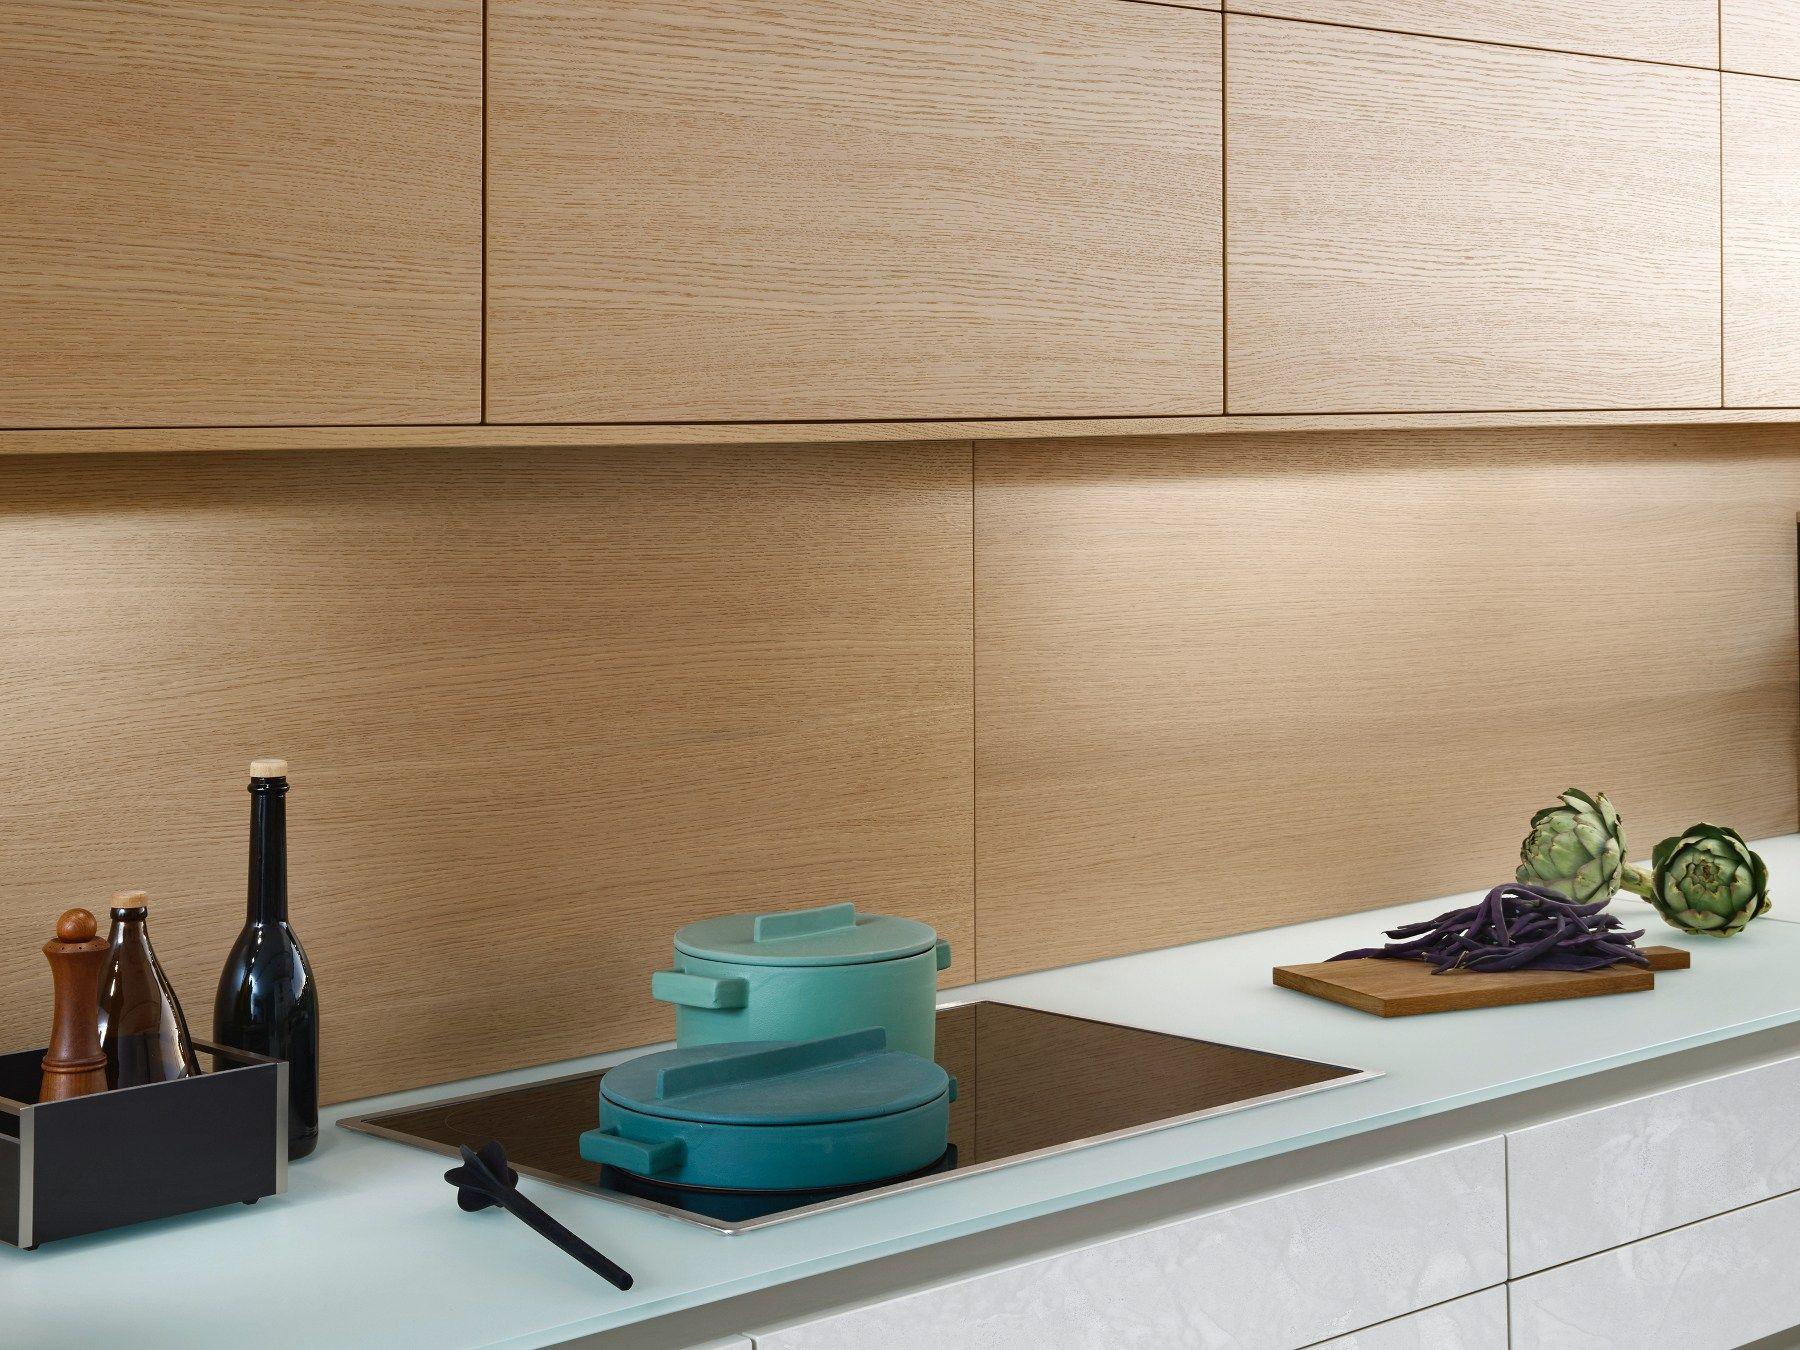 awesome leicht küchen katalog ideas - unintendedfarms.us ... - Leicht Küchen Katalog